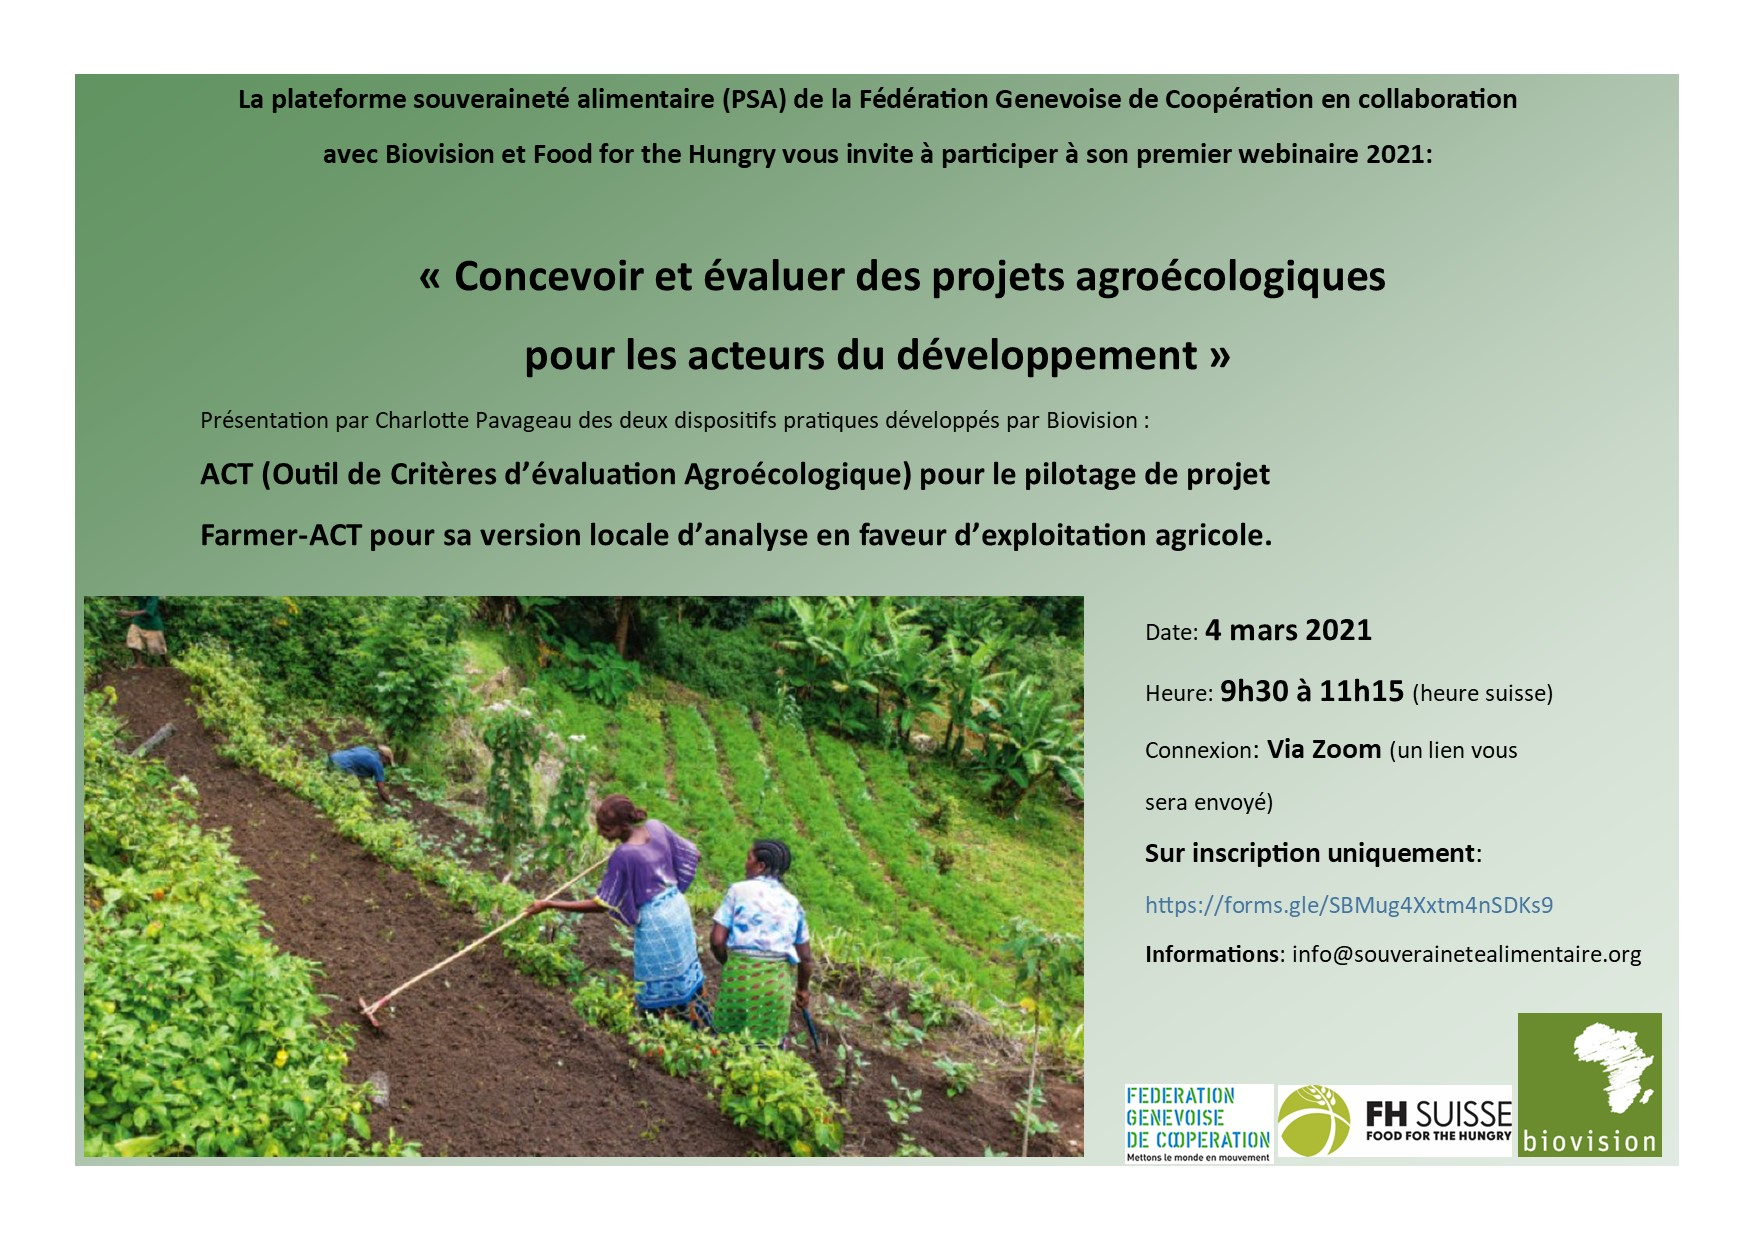 Concevoir et évaluer des projets agroécologiques